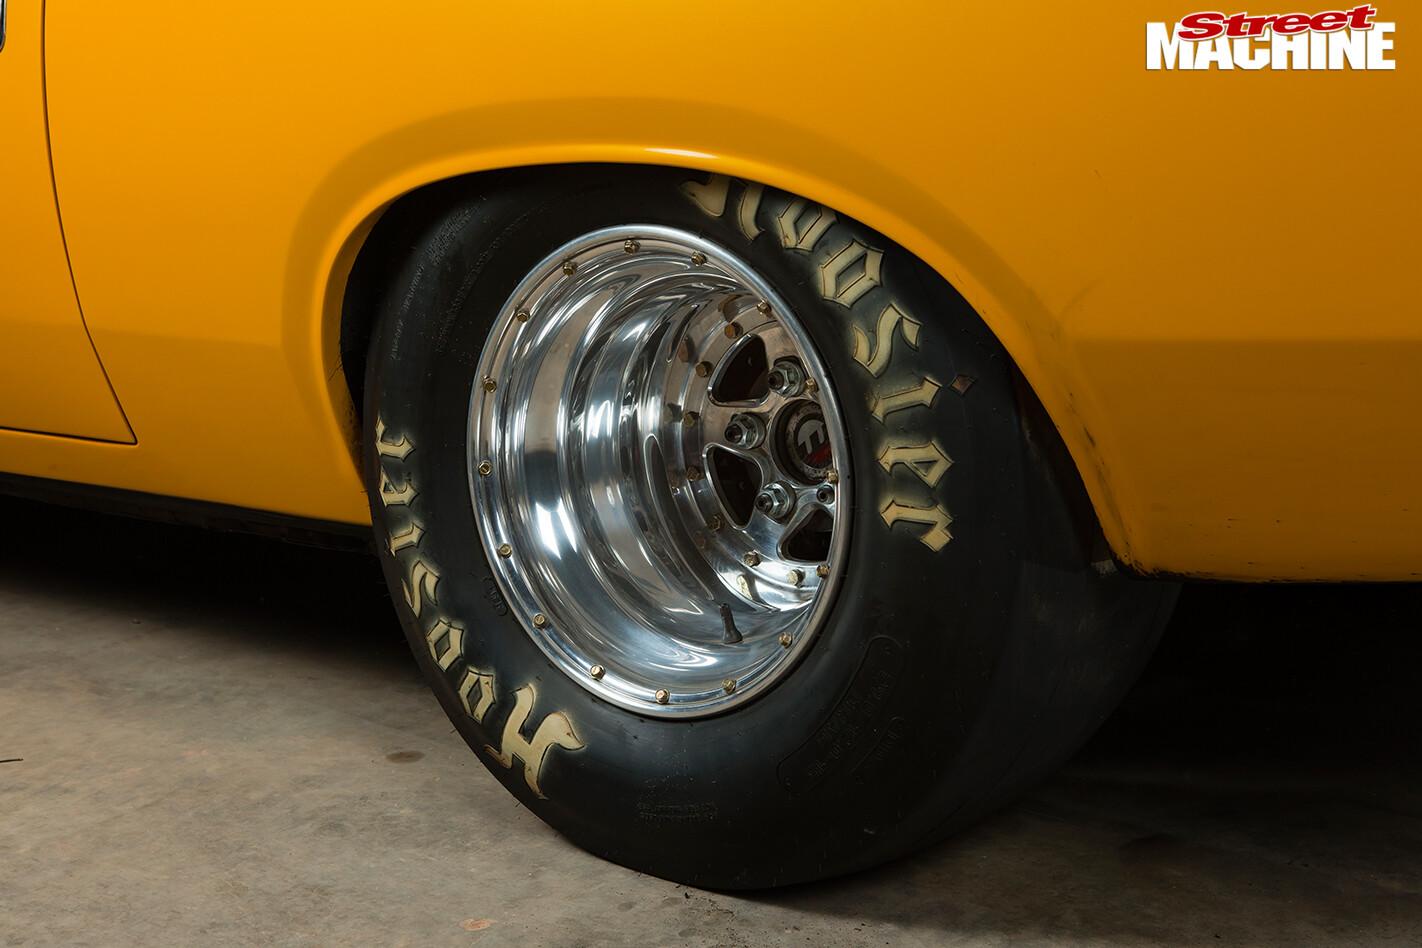 Chrysler -valiant -e 55-charger -wheel